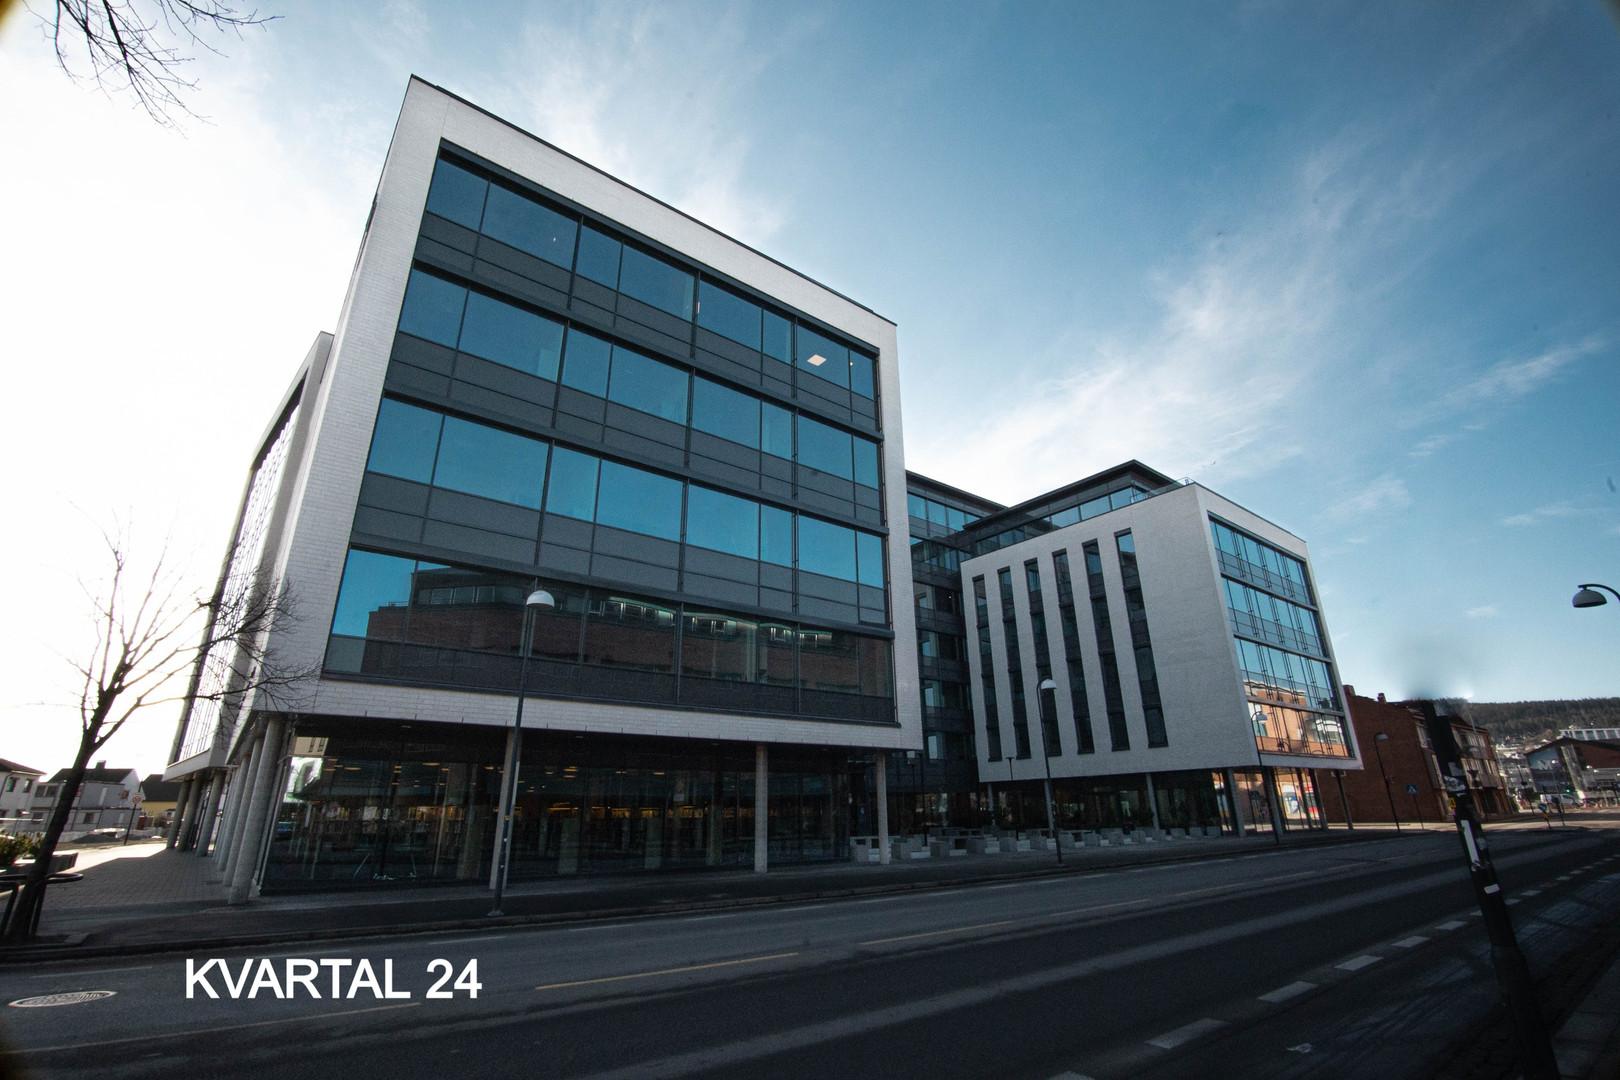 KVARTAL 24